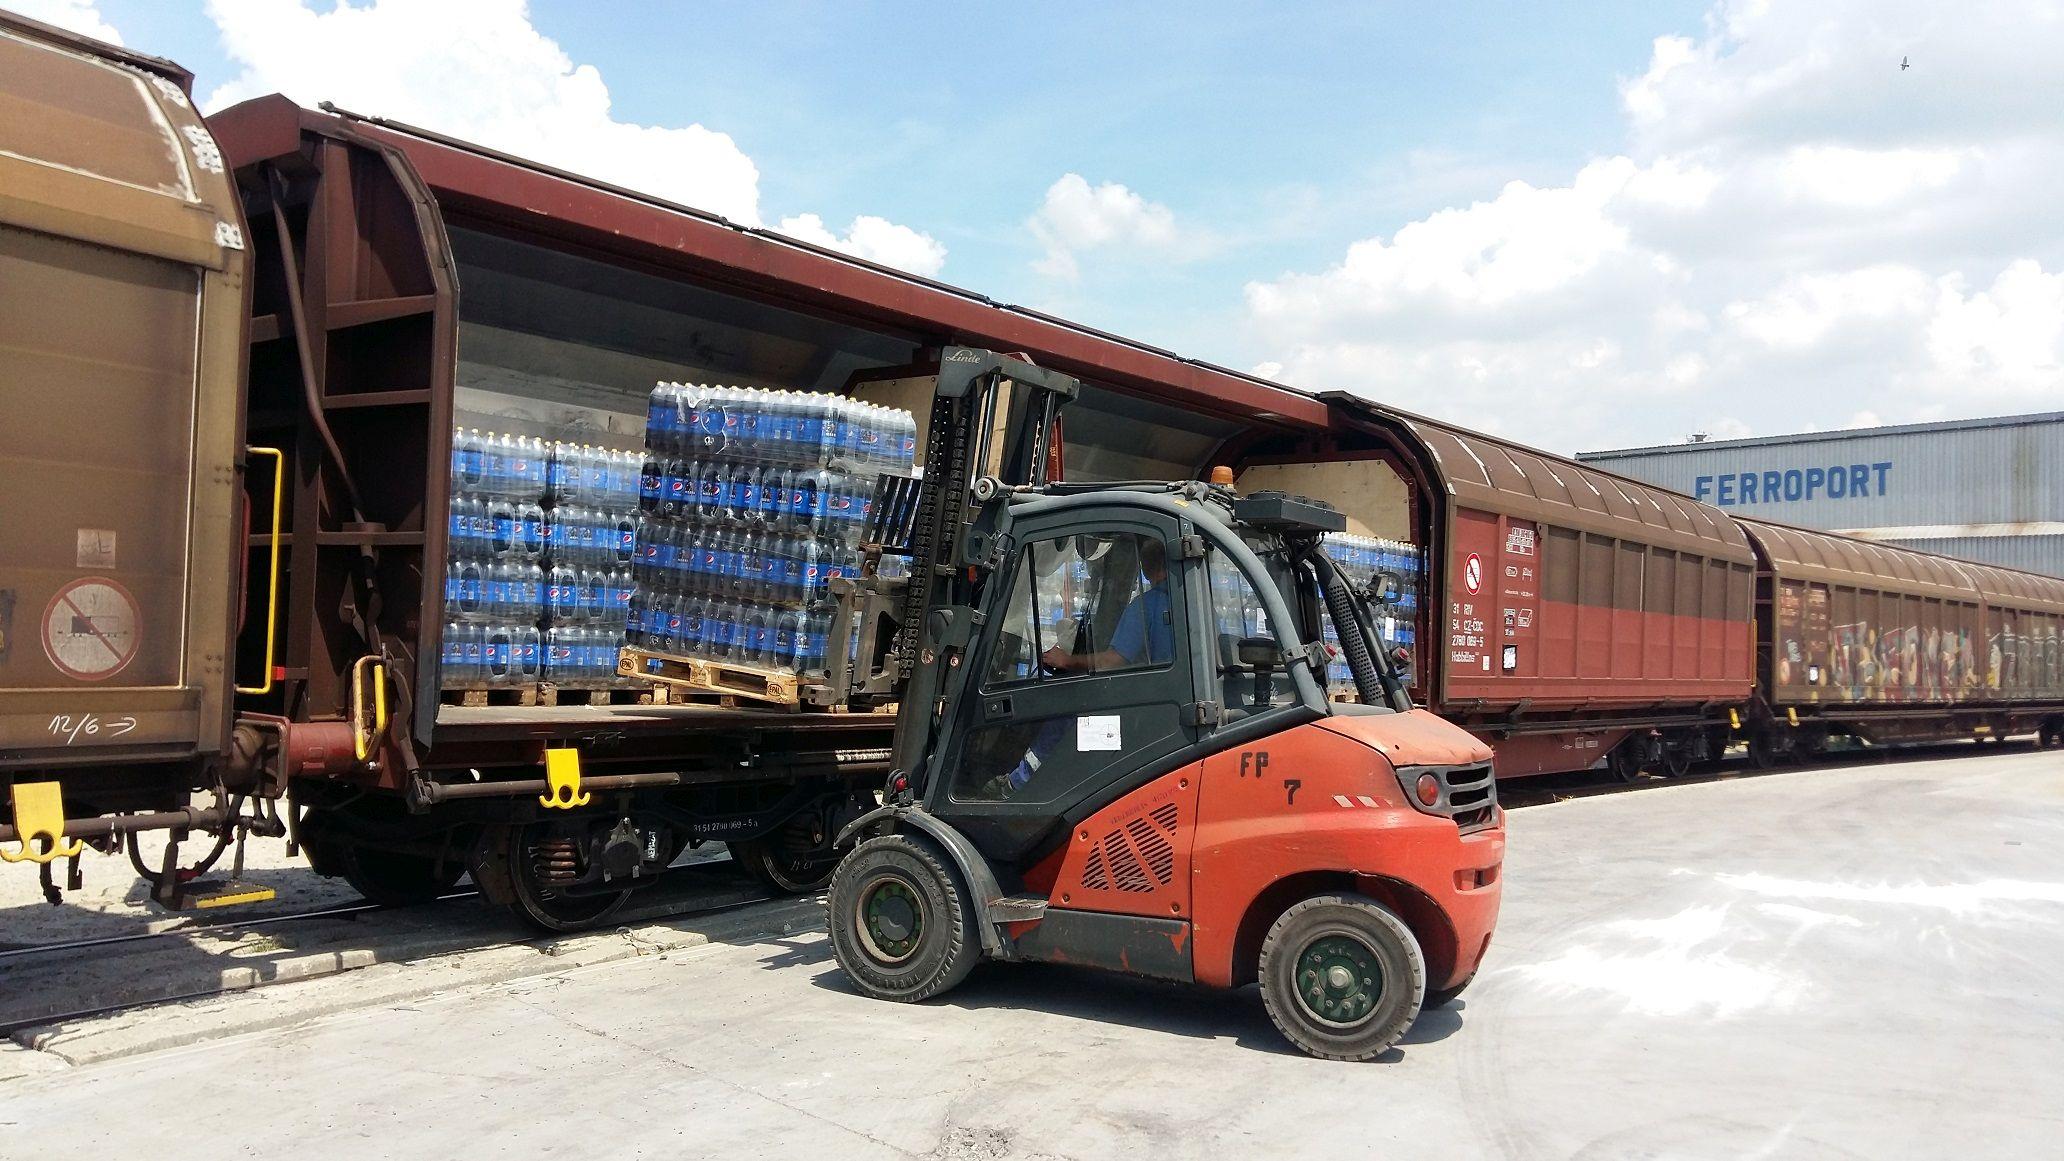 Vykládka nápojového vlaku společnosti PepsiCo v Budapešti. Autor: PepsiCo